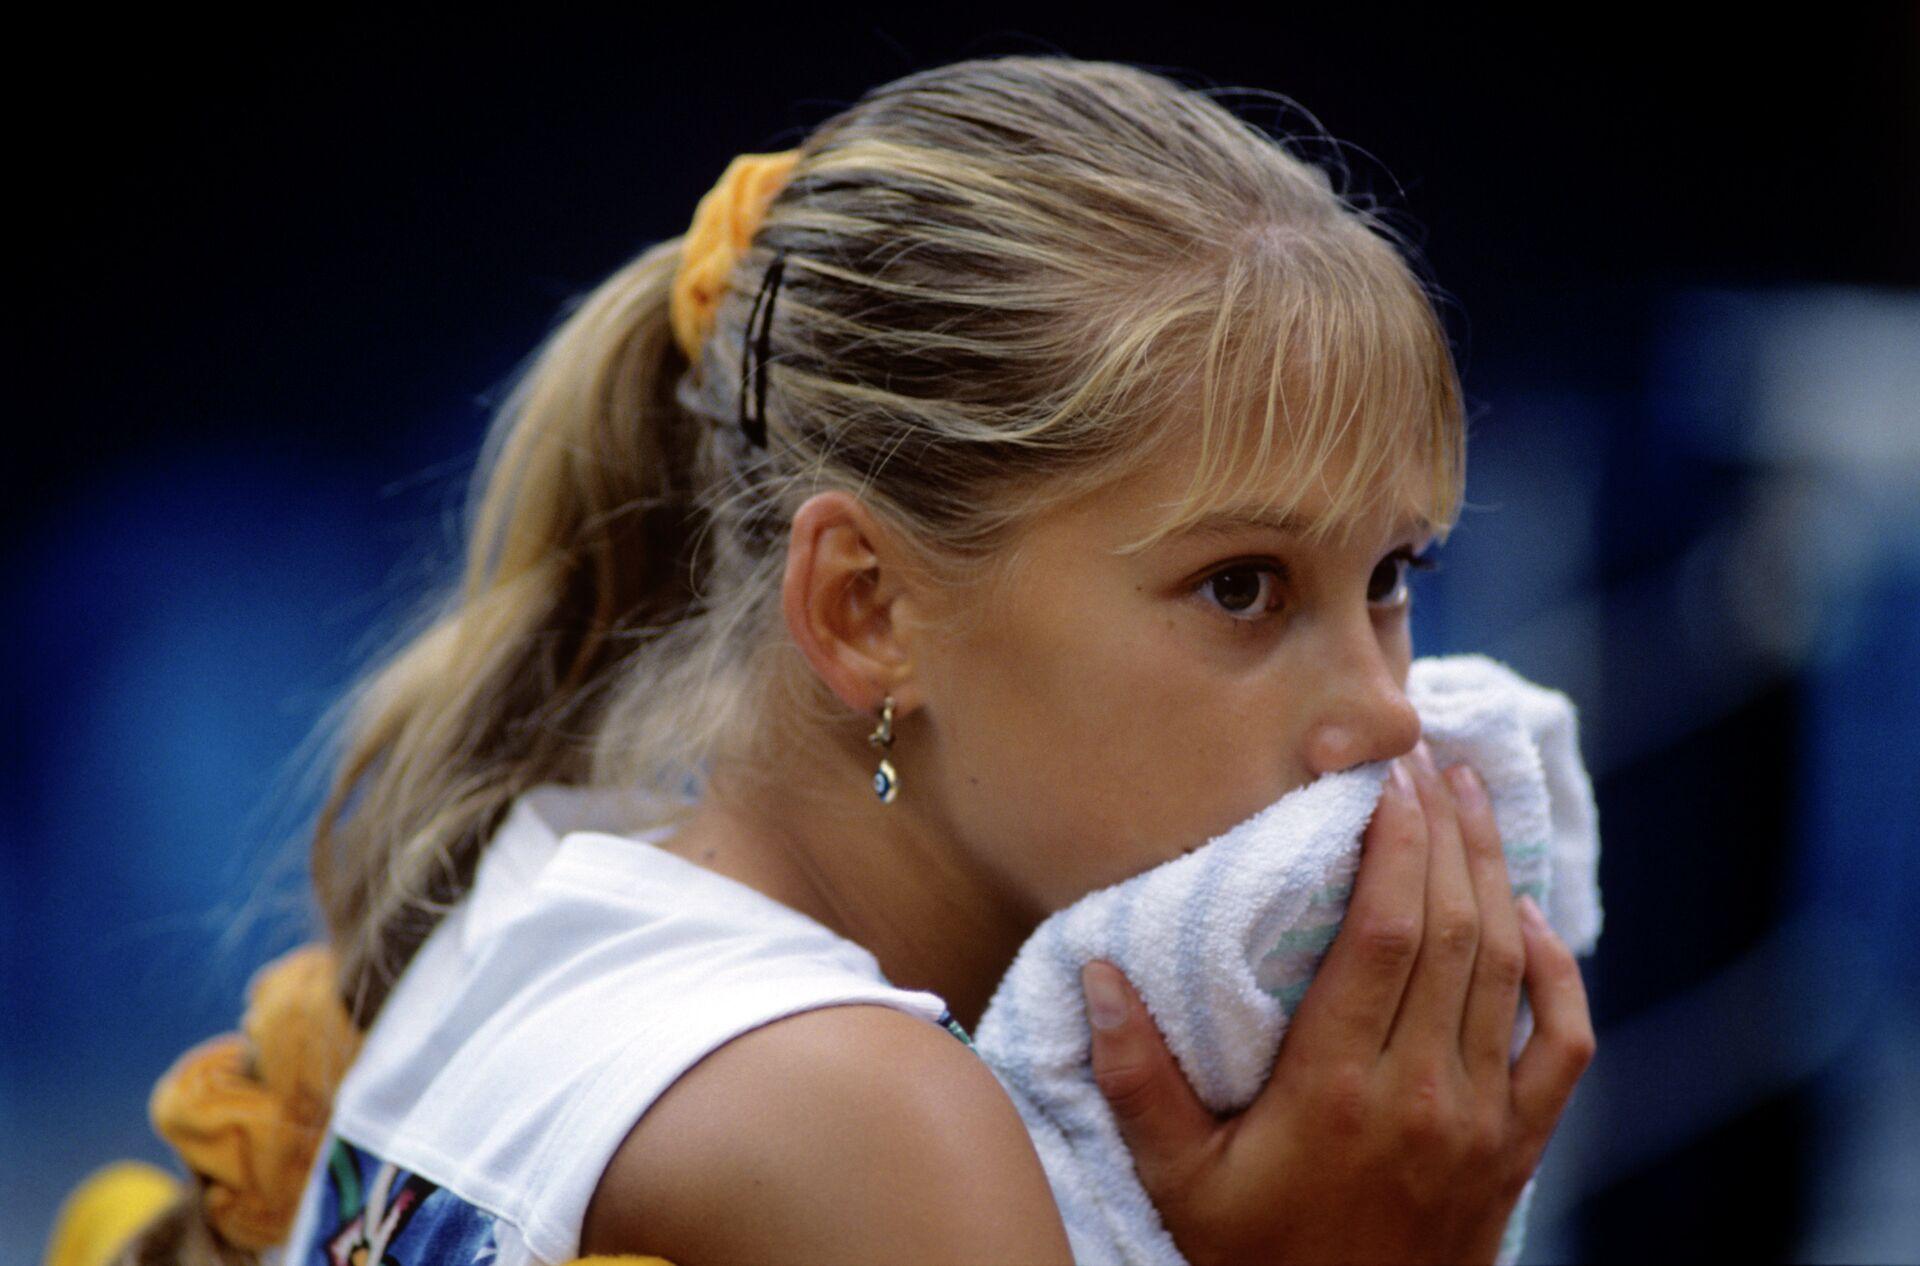 Самая юная участница соревнований россиянка Анна Курникова - РИА Новости, 1920, 03.06.2021